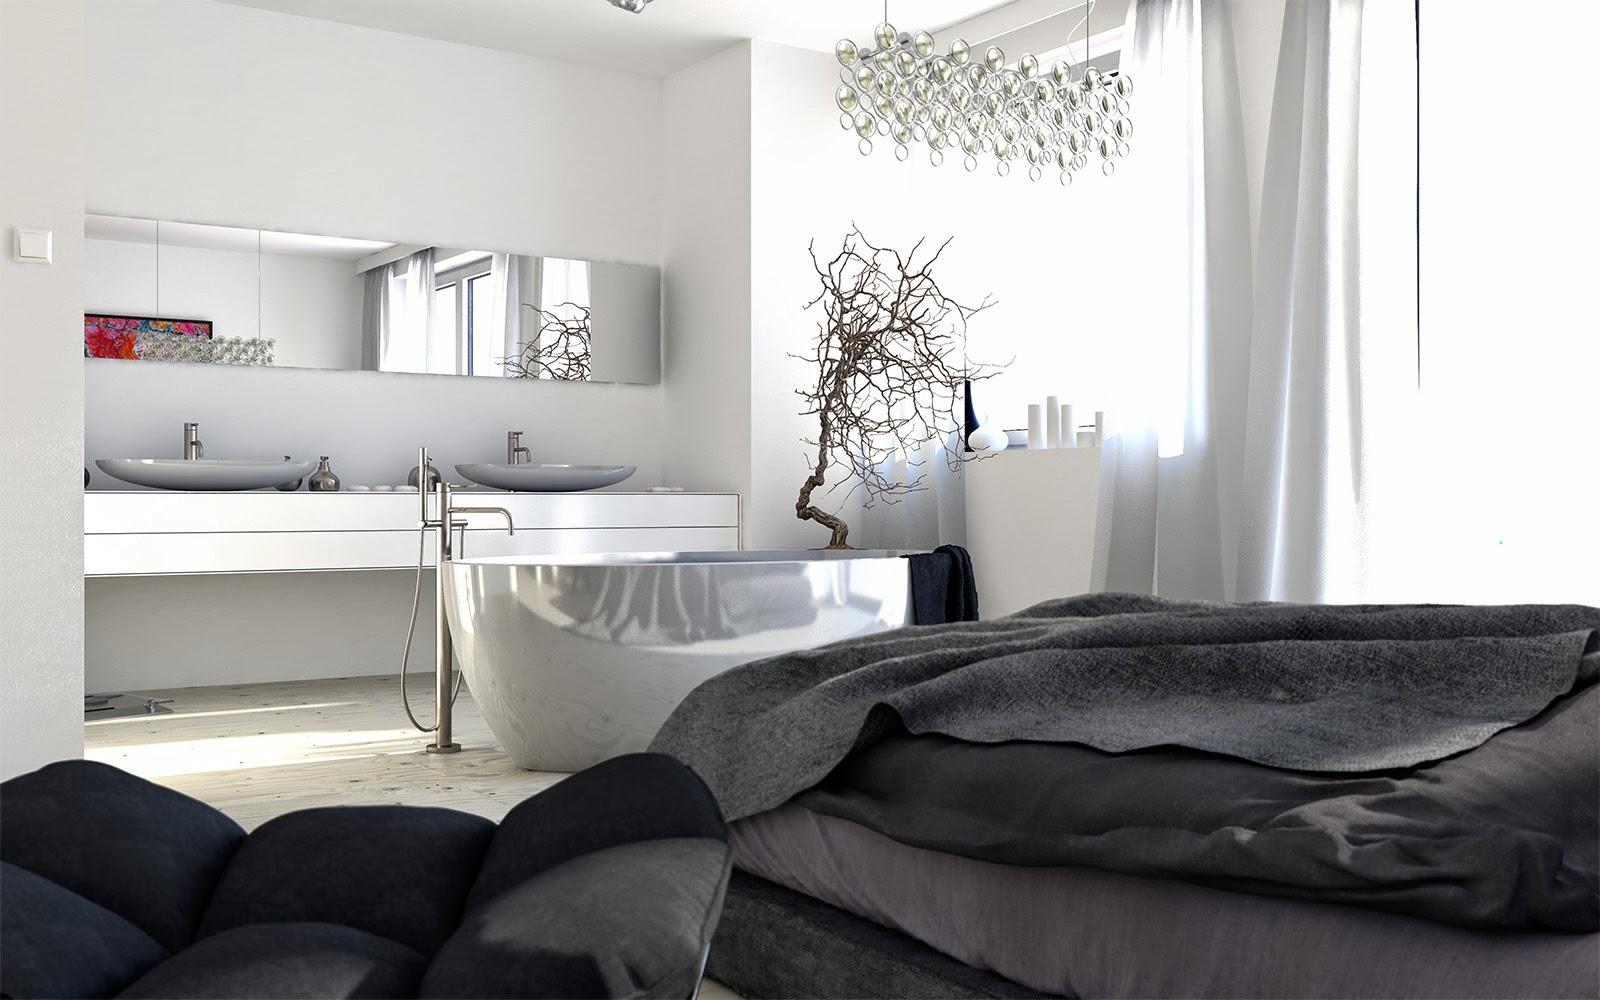 Bañeras en casa - bañera moderna en habitación